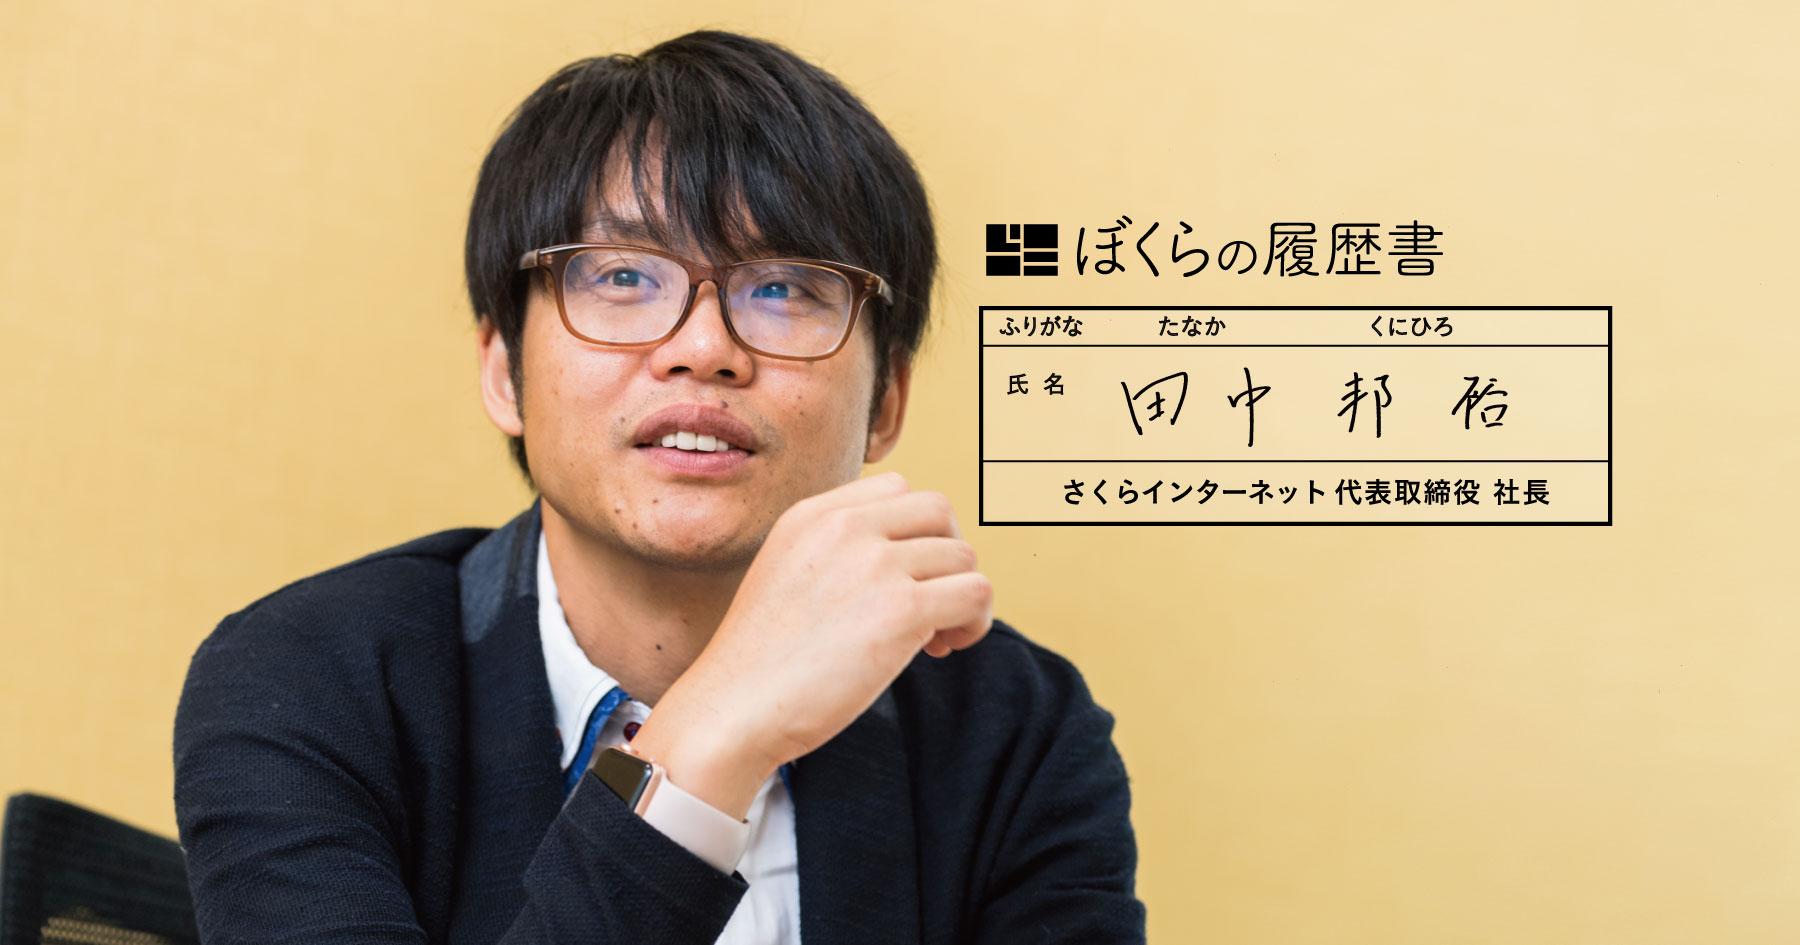 さくらインターネット田中邦裕さん